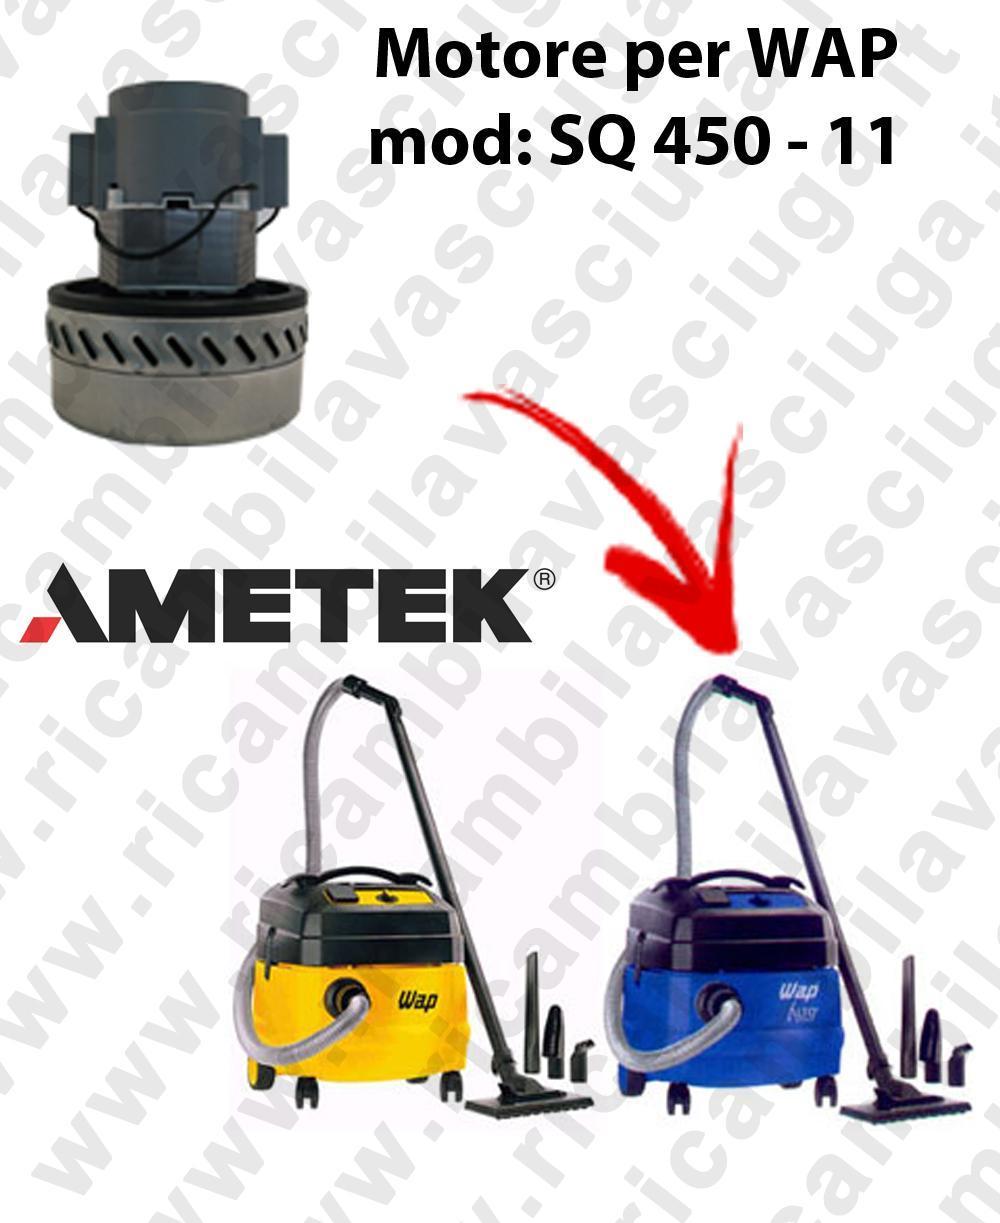 SQ 450 - 11 MOTEUR ASPIRATION AMETEK  pour aspirateur WAP